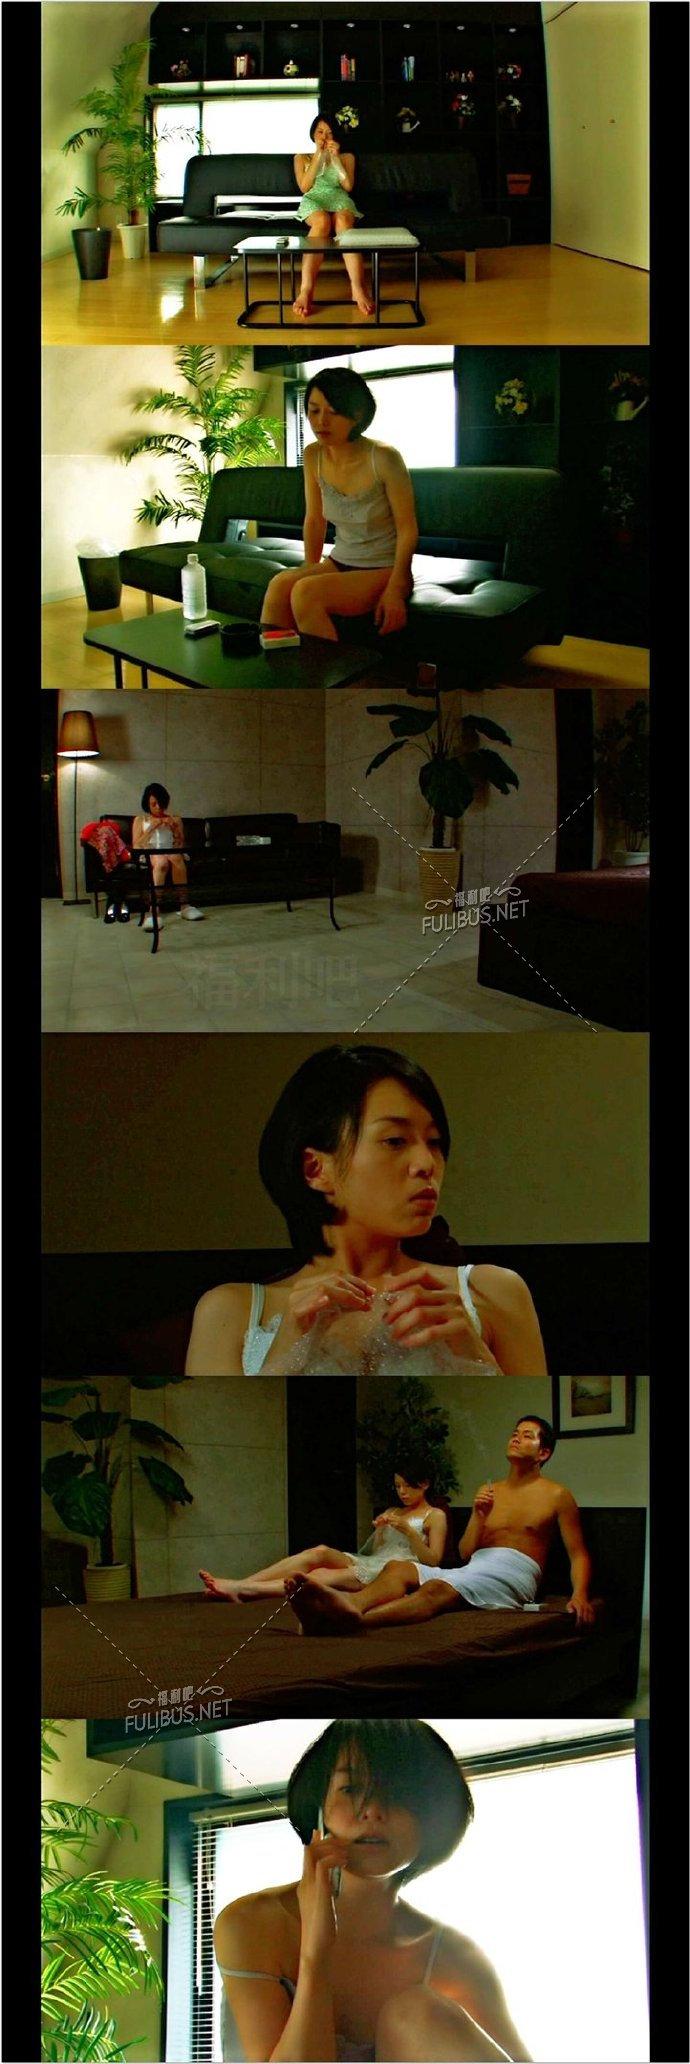 一部王家卫风格的日本爱动电影,女性向文艺小清新 福利吧 第3张